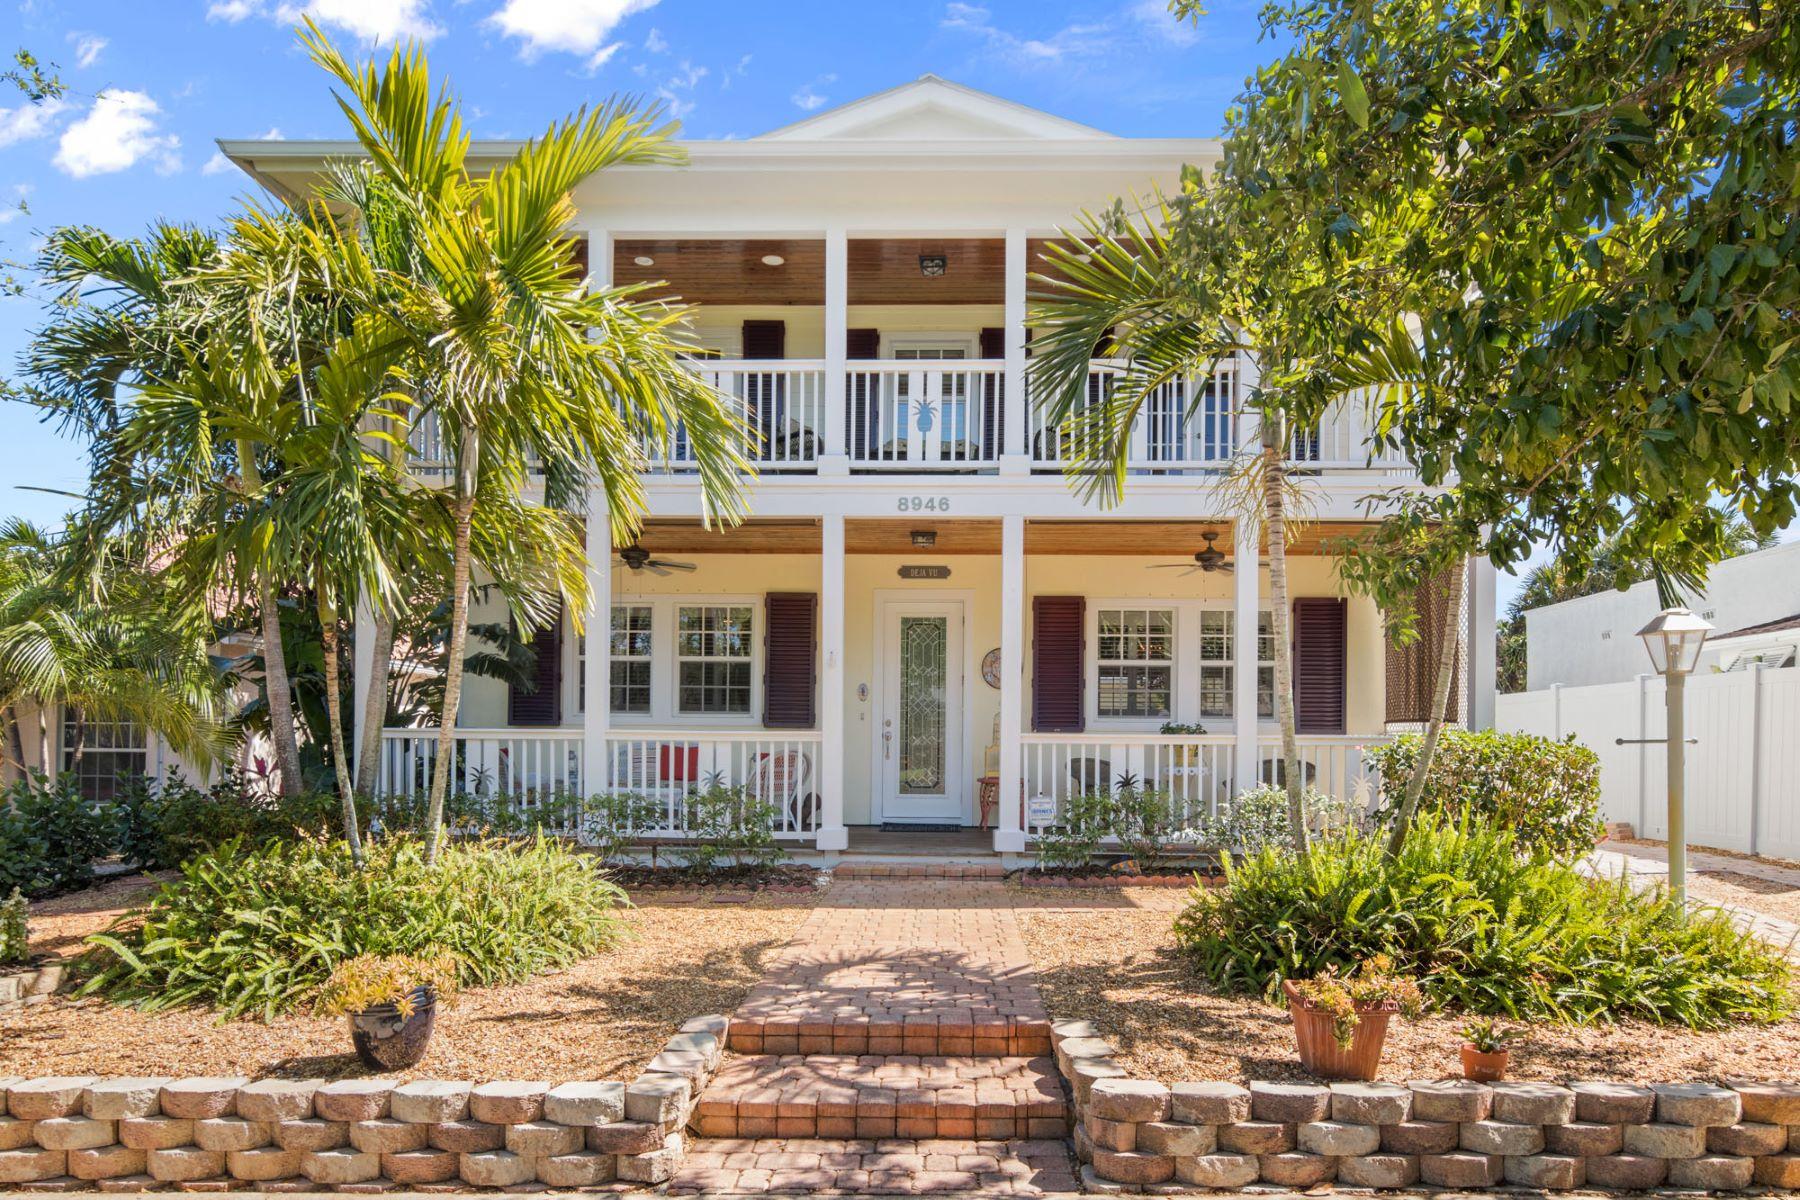 一戸建て のために 売買 アット 8946 SE Mars Street Hobe Sound, フロリダ, 33455 アメリカ合衆国